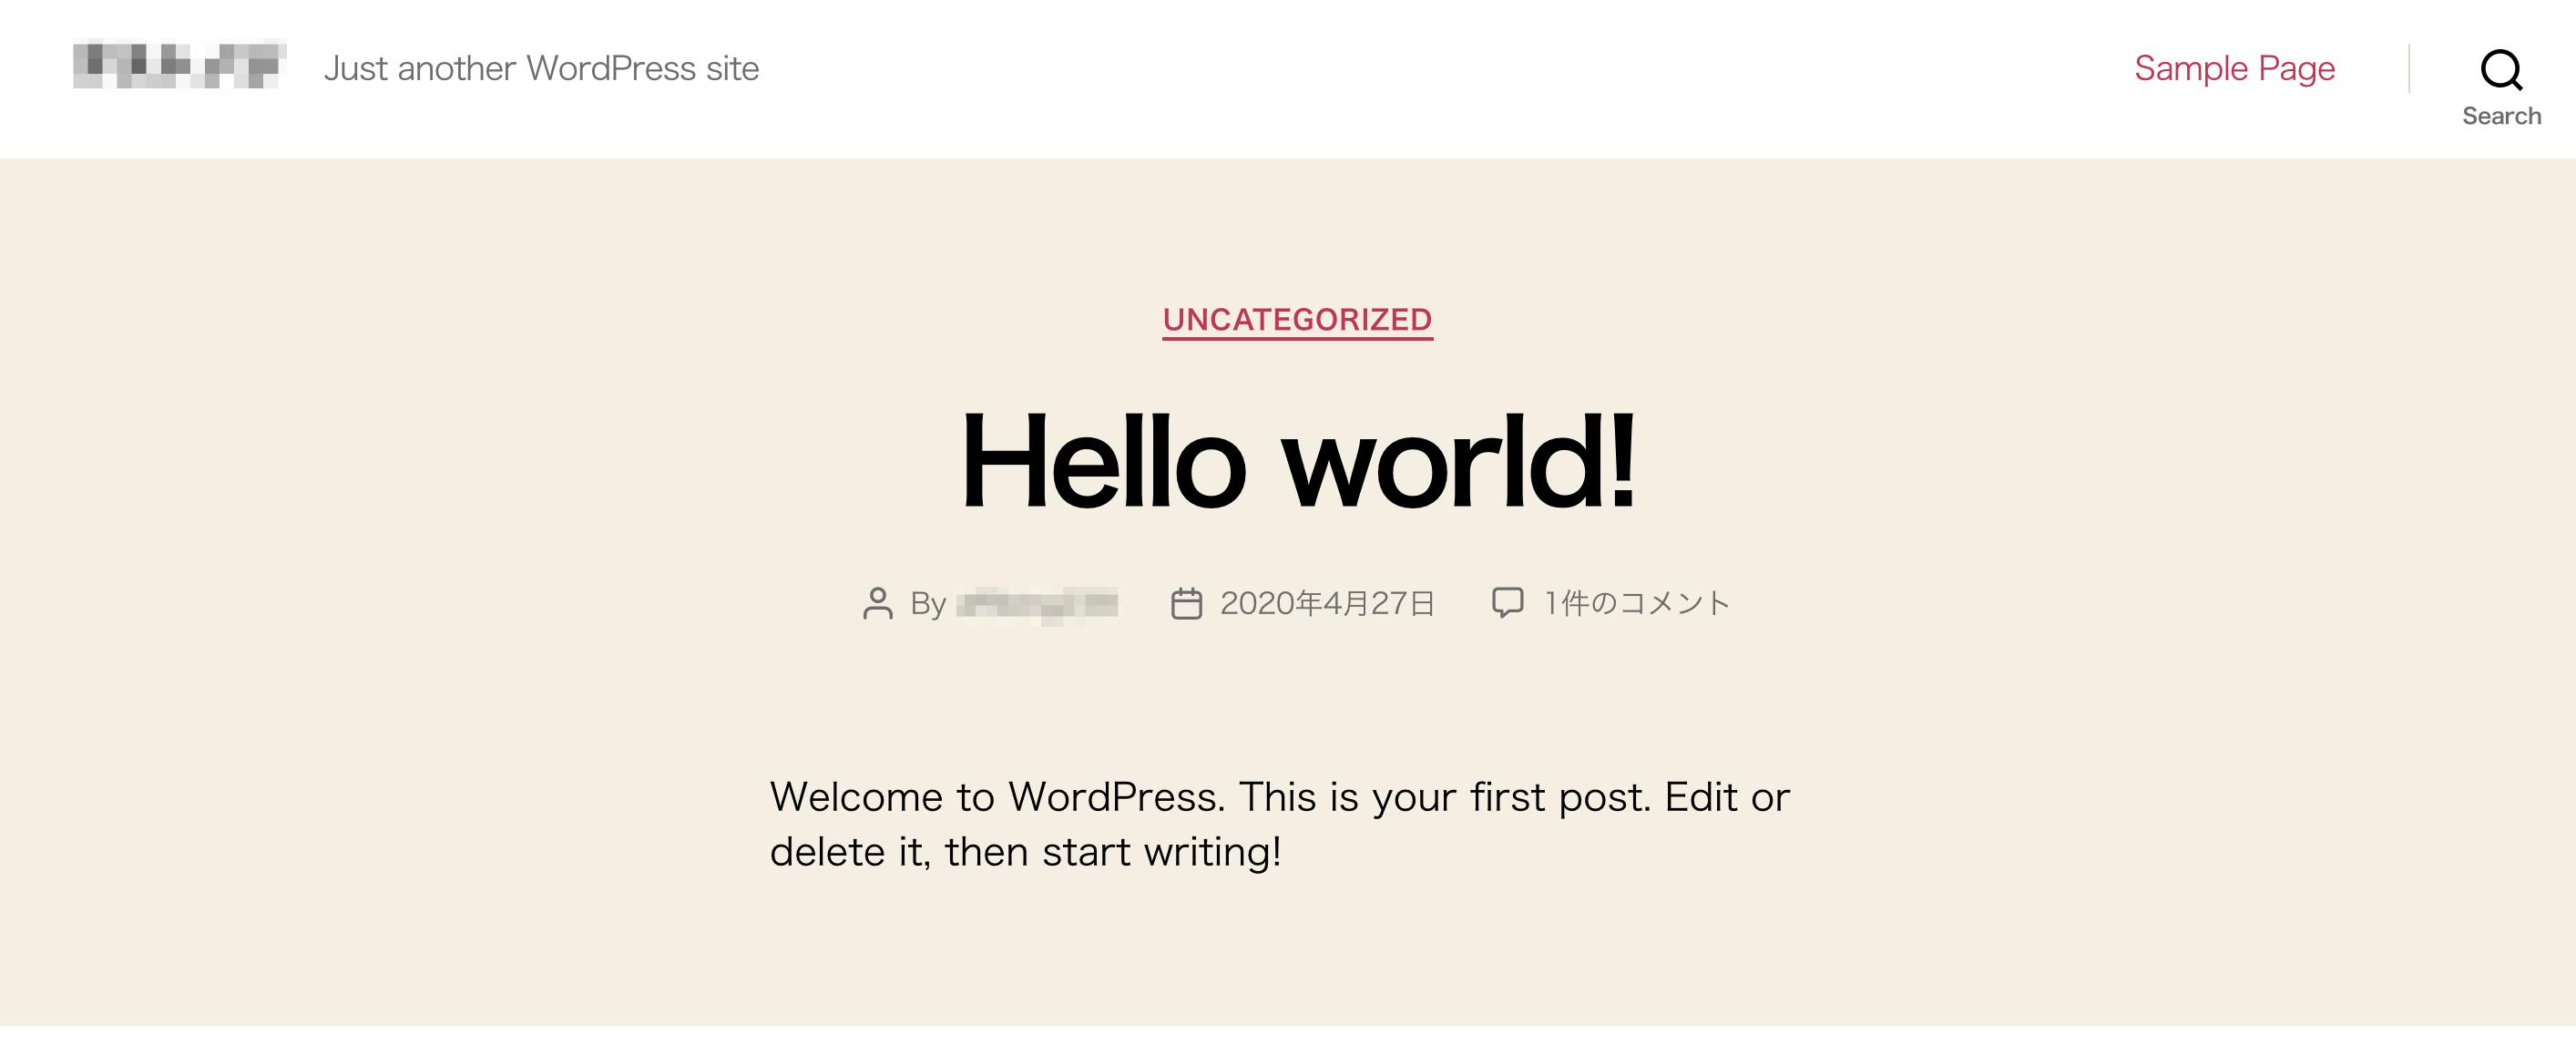 コノハHell world